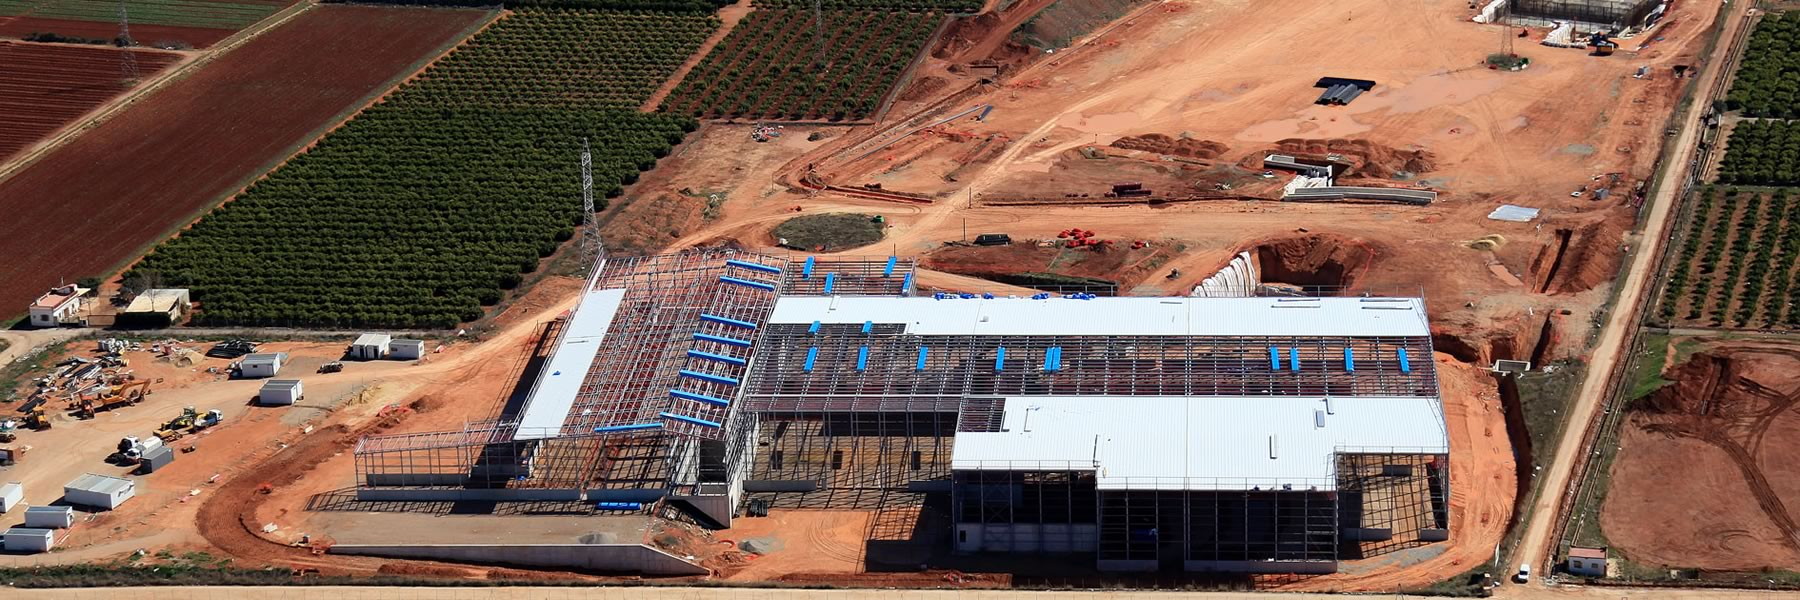 construccion-obras-medioambientales